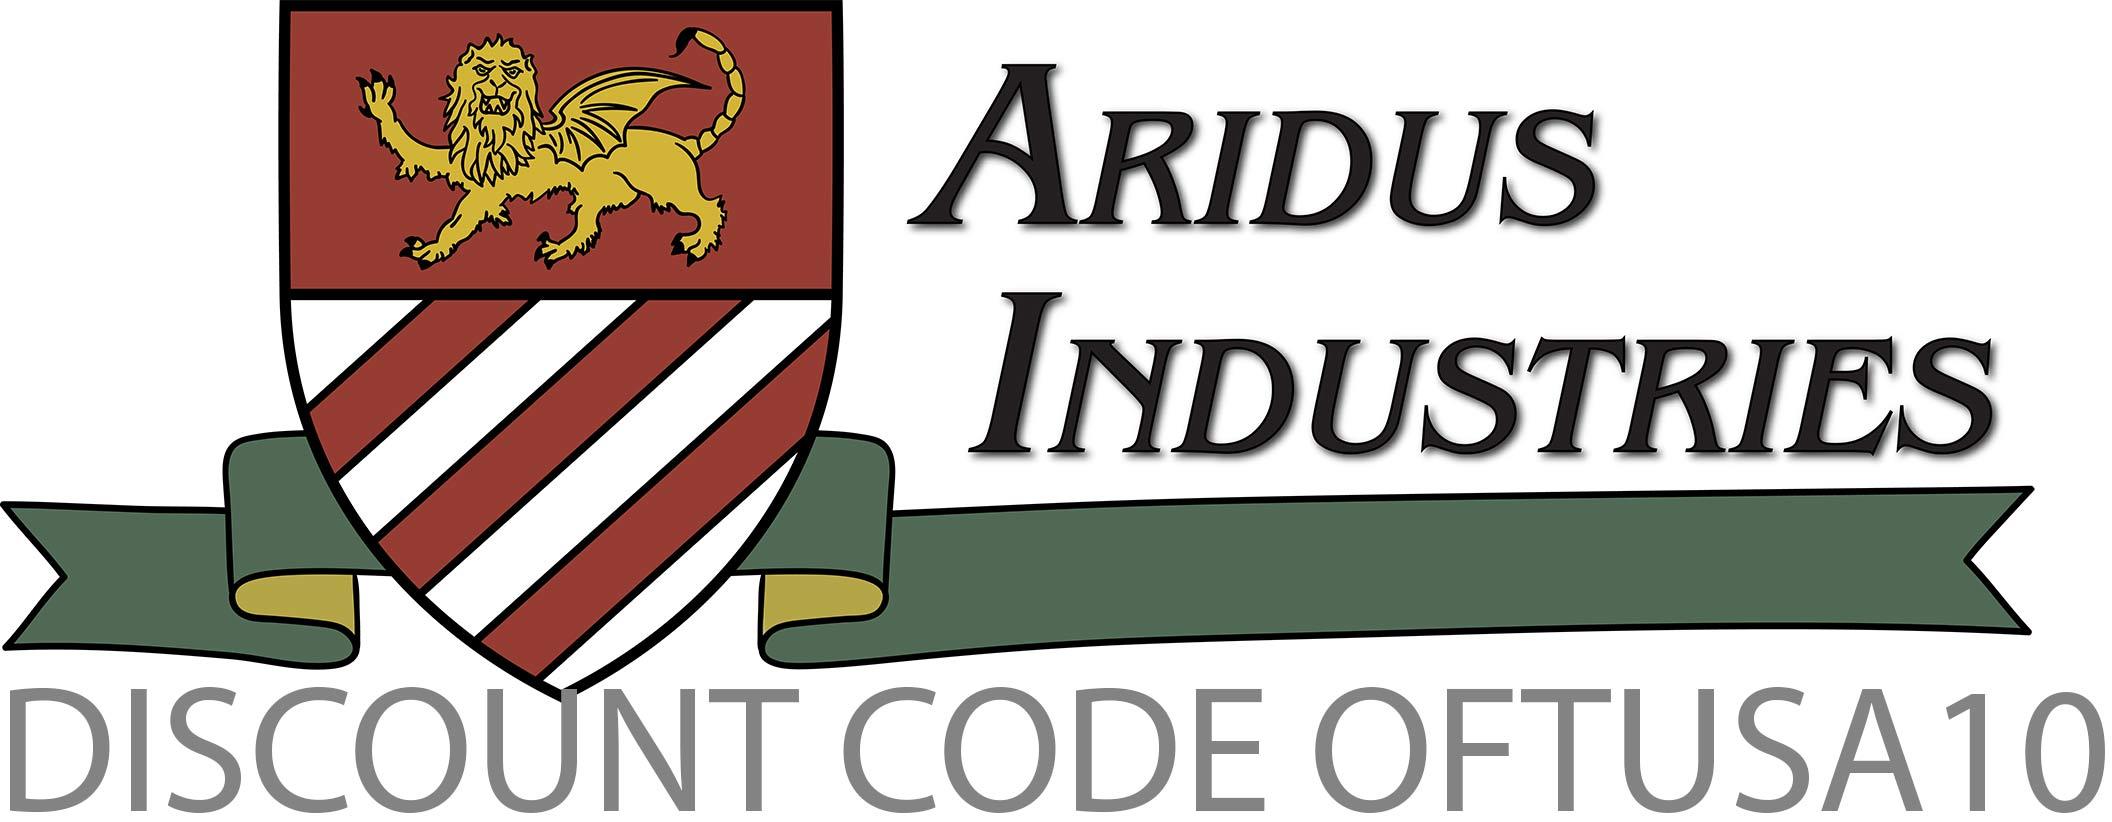 Aridus Industries